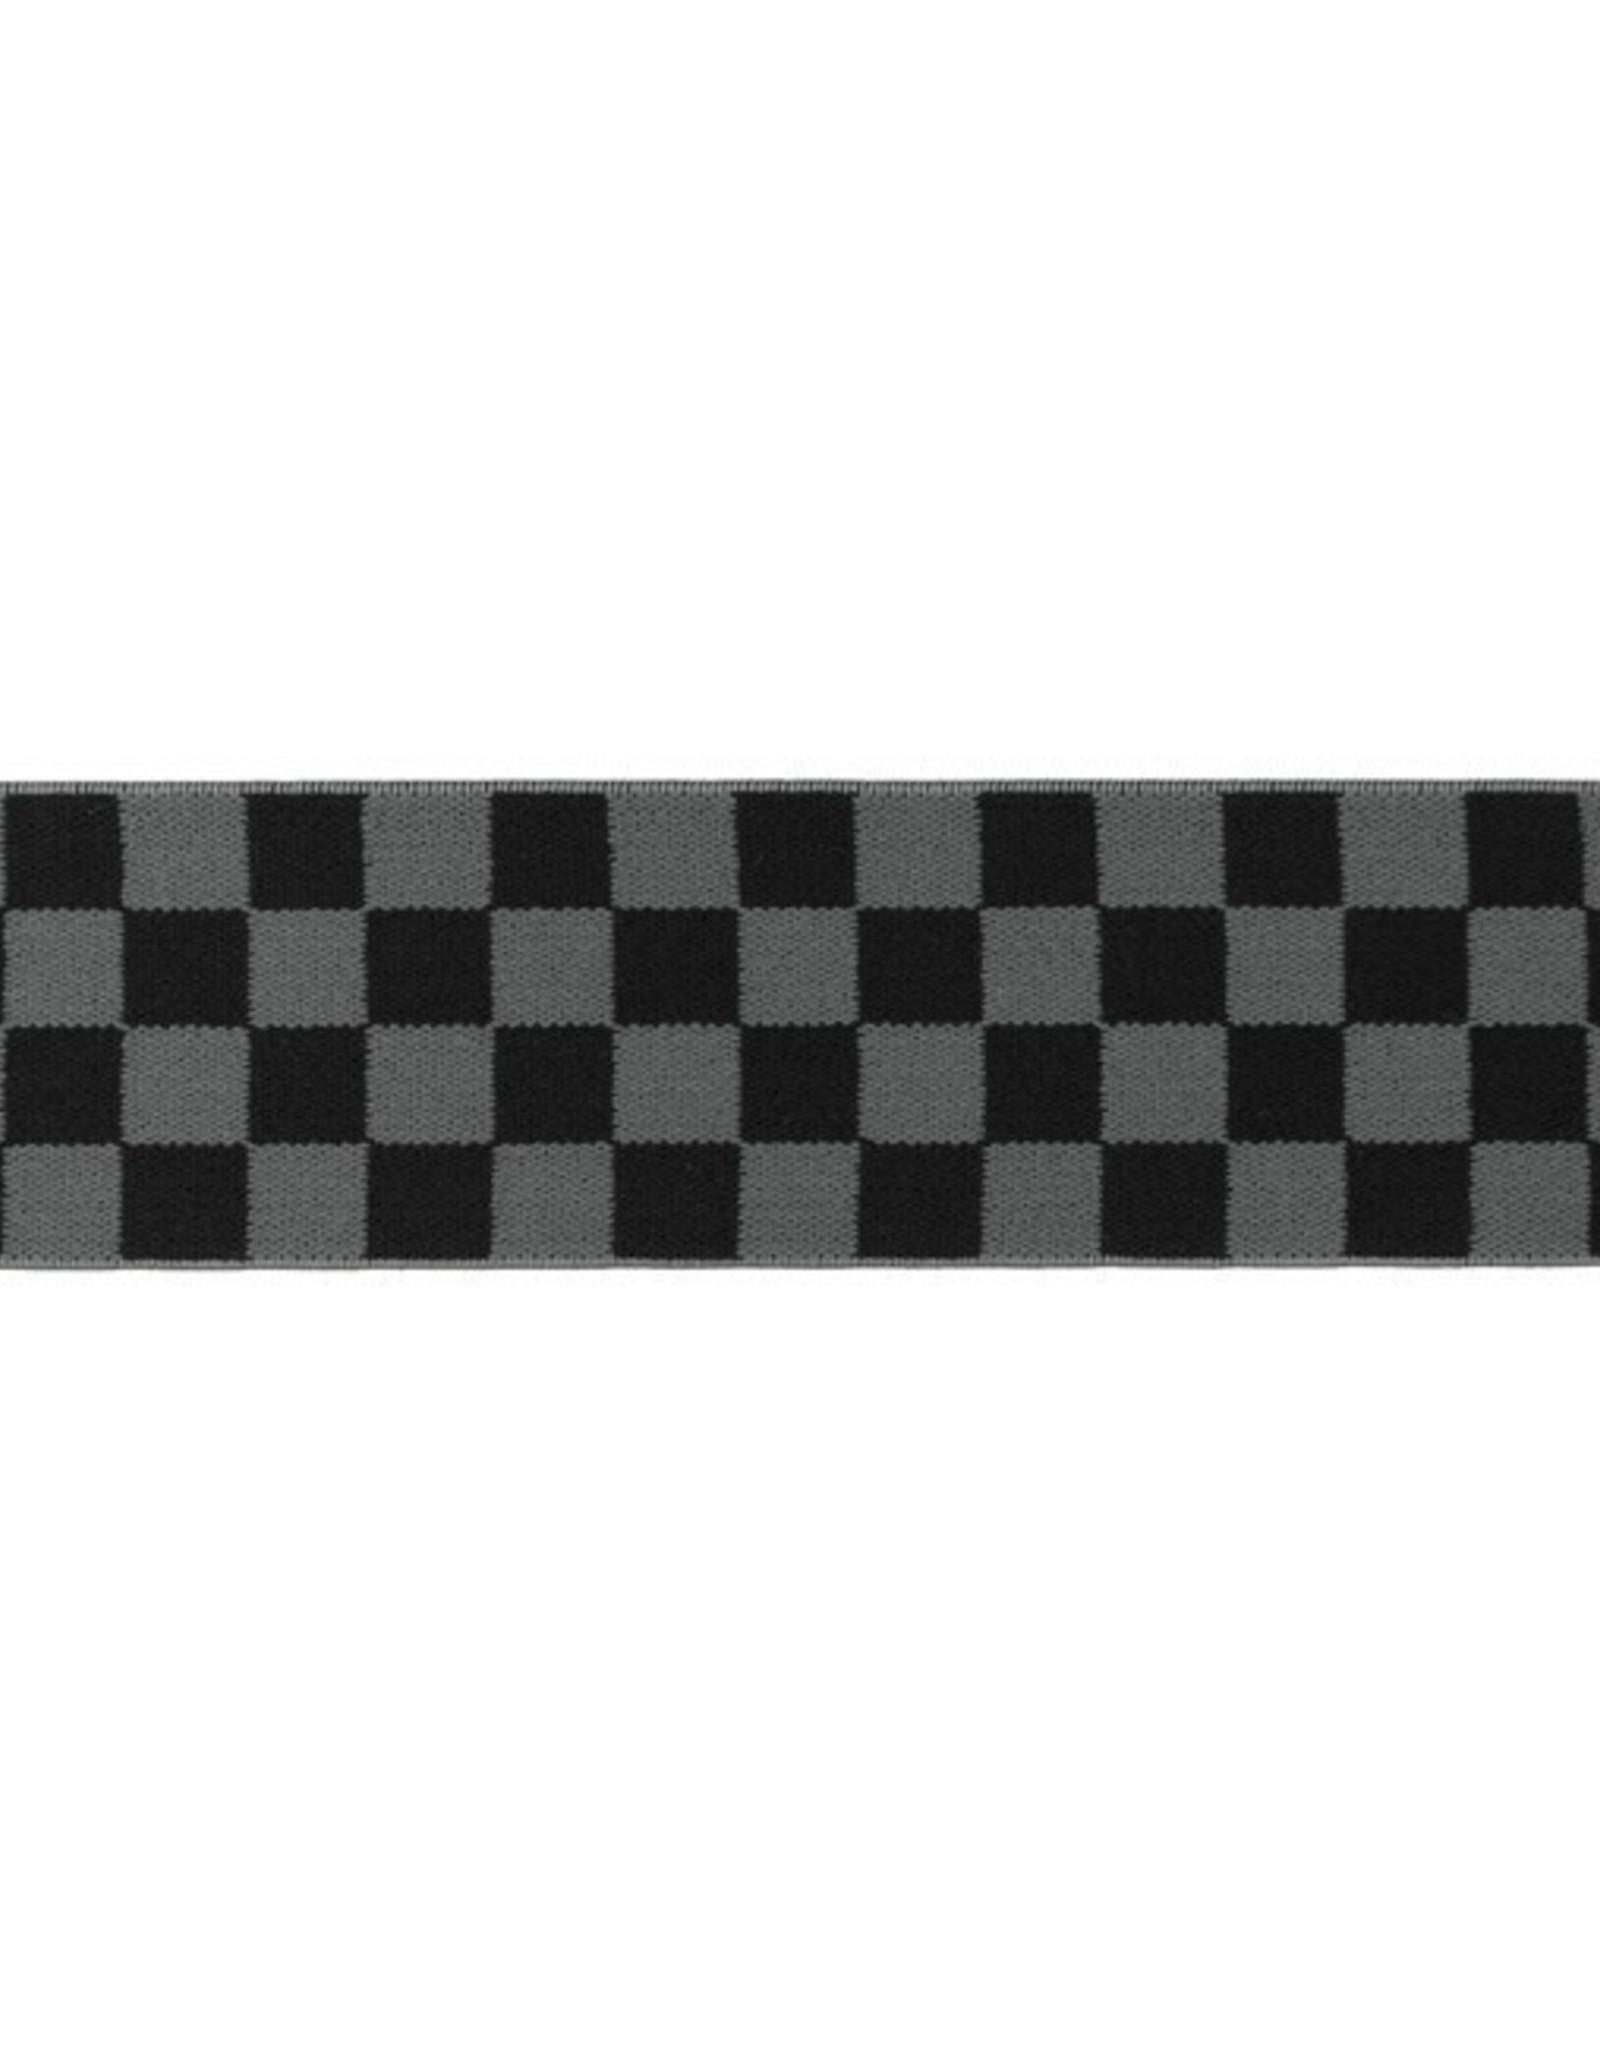 Elastiek geblokt 40 mm zwart grijs